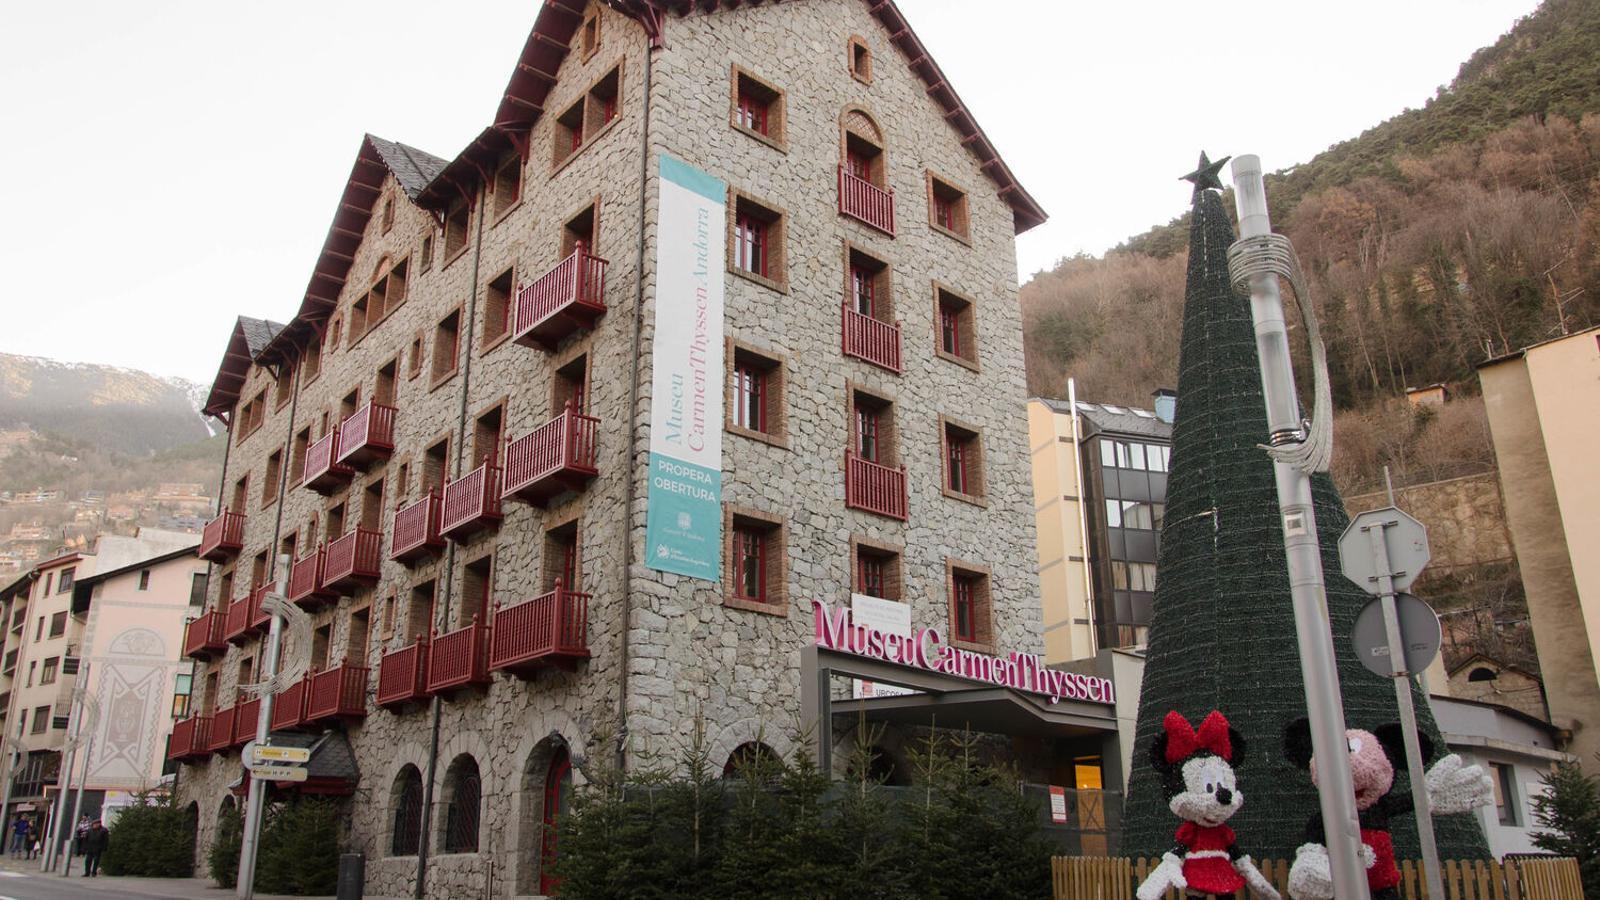 Museu Carmen Thyssen Andorra. / ARXIU ANA